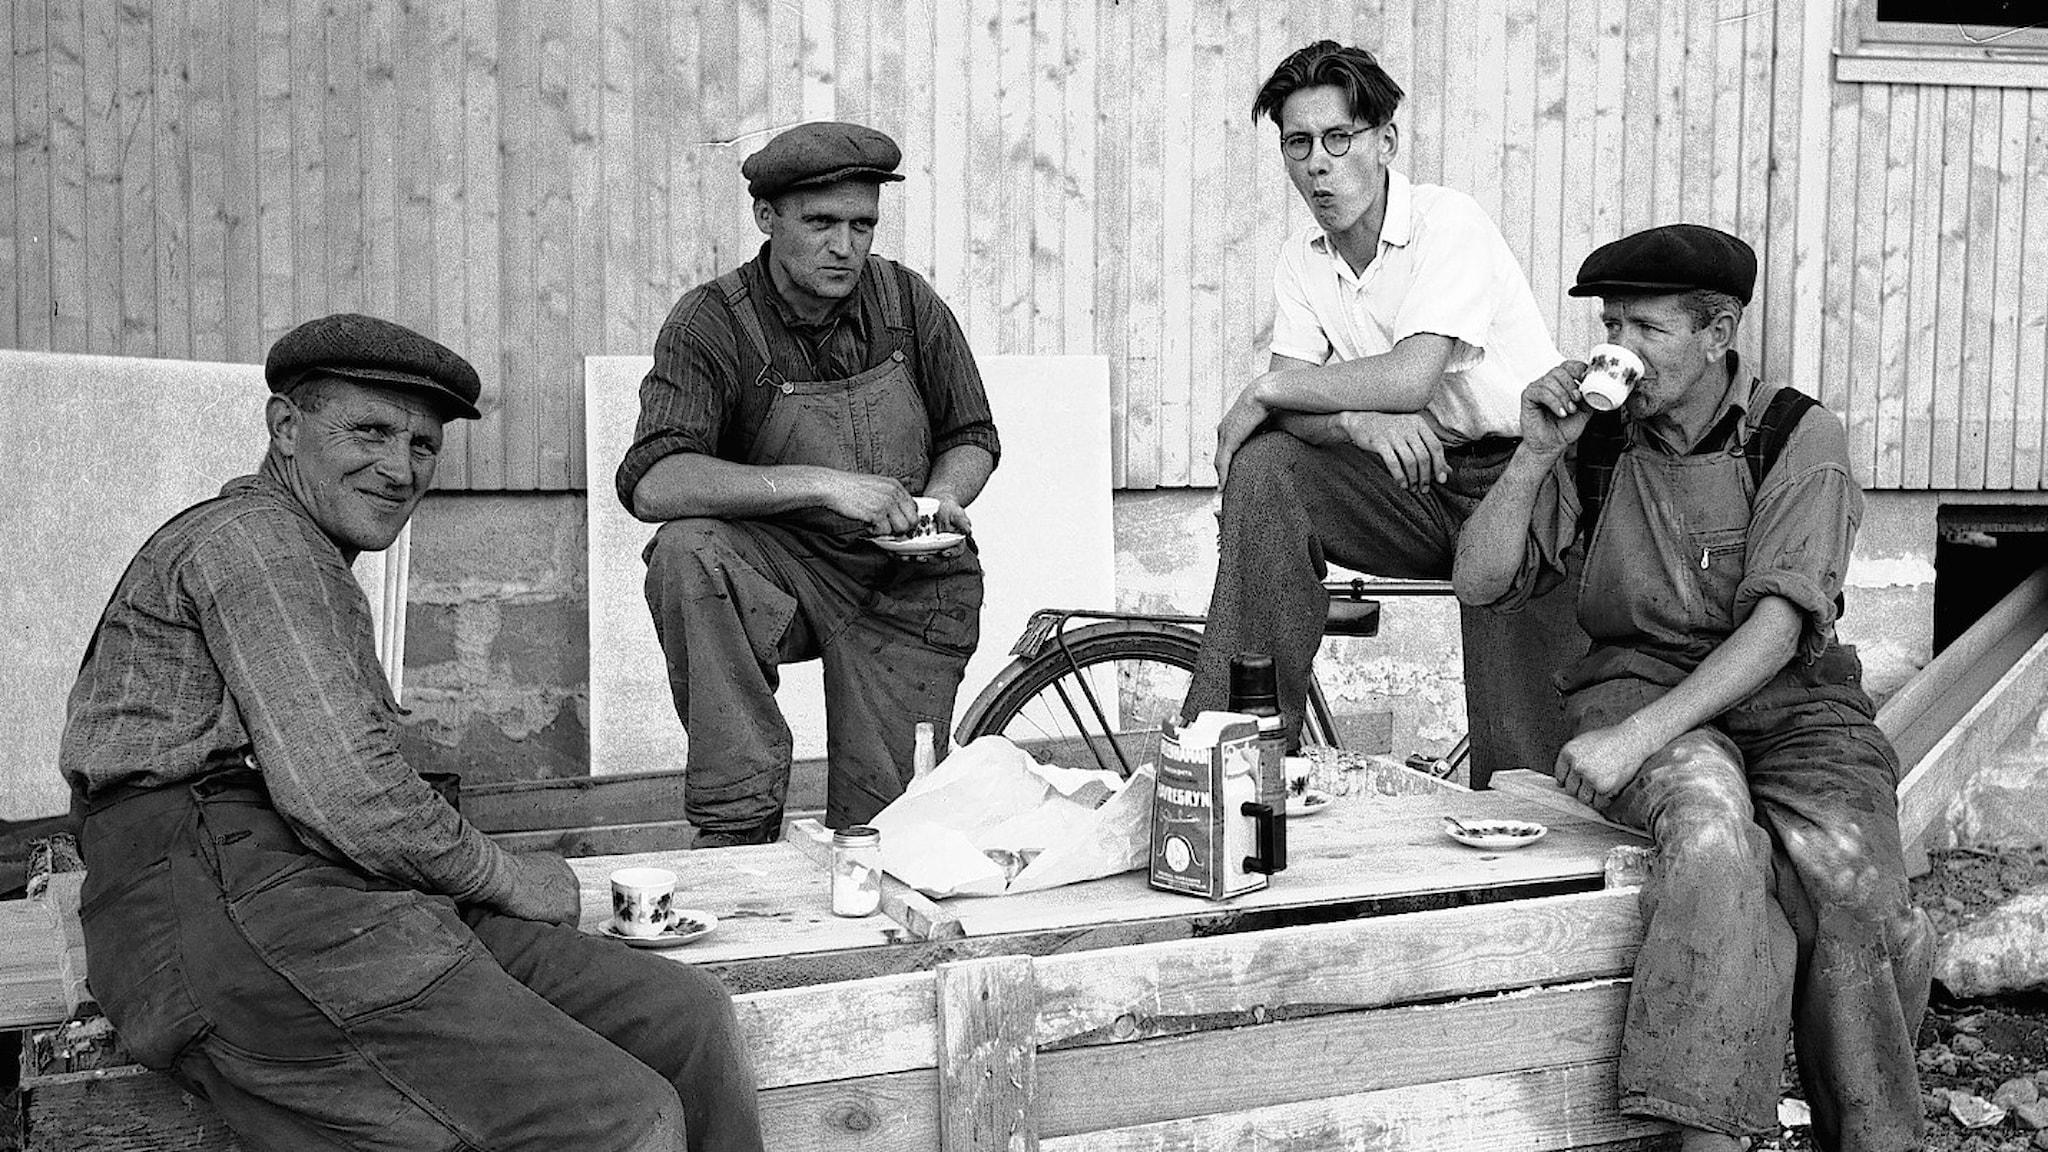 Är det rimligt att arbetarna själva bestämmer när det är dags för rast? Foto: Carl Larsson / Länsmuseet Gävleborg